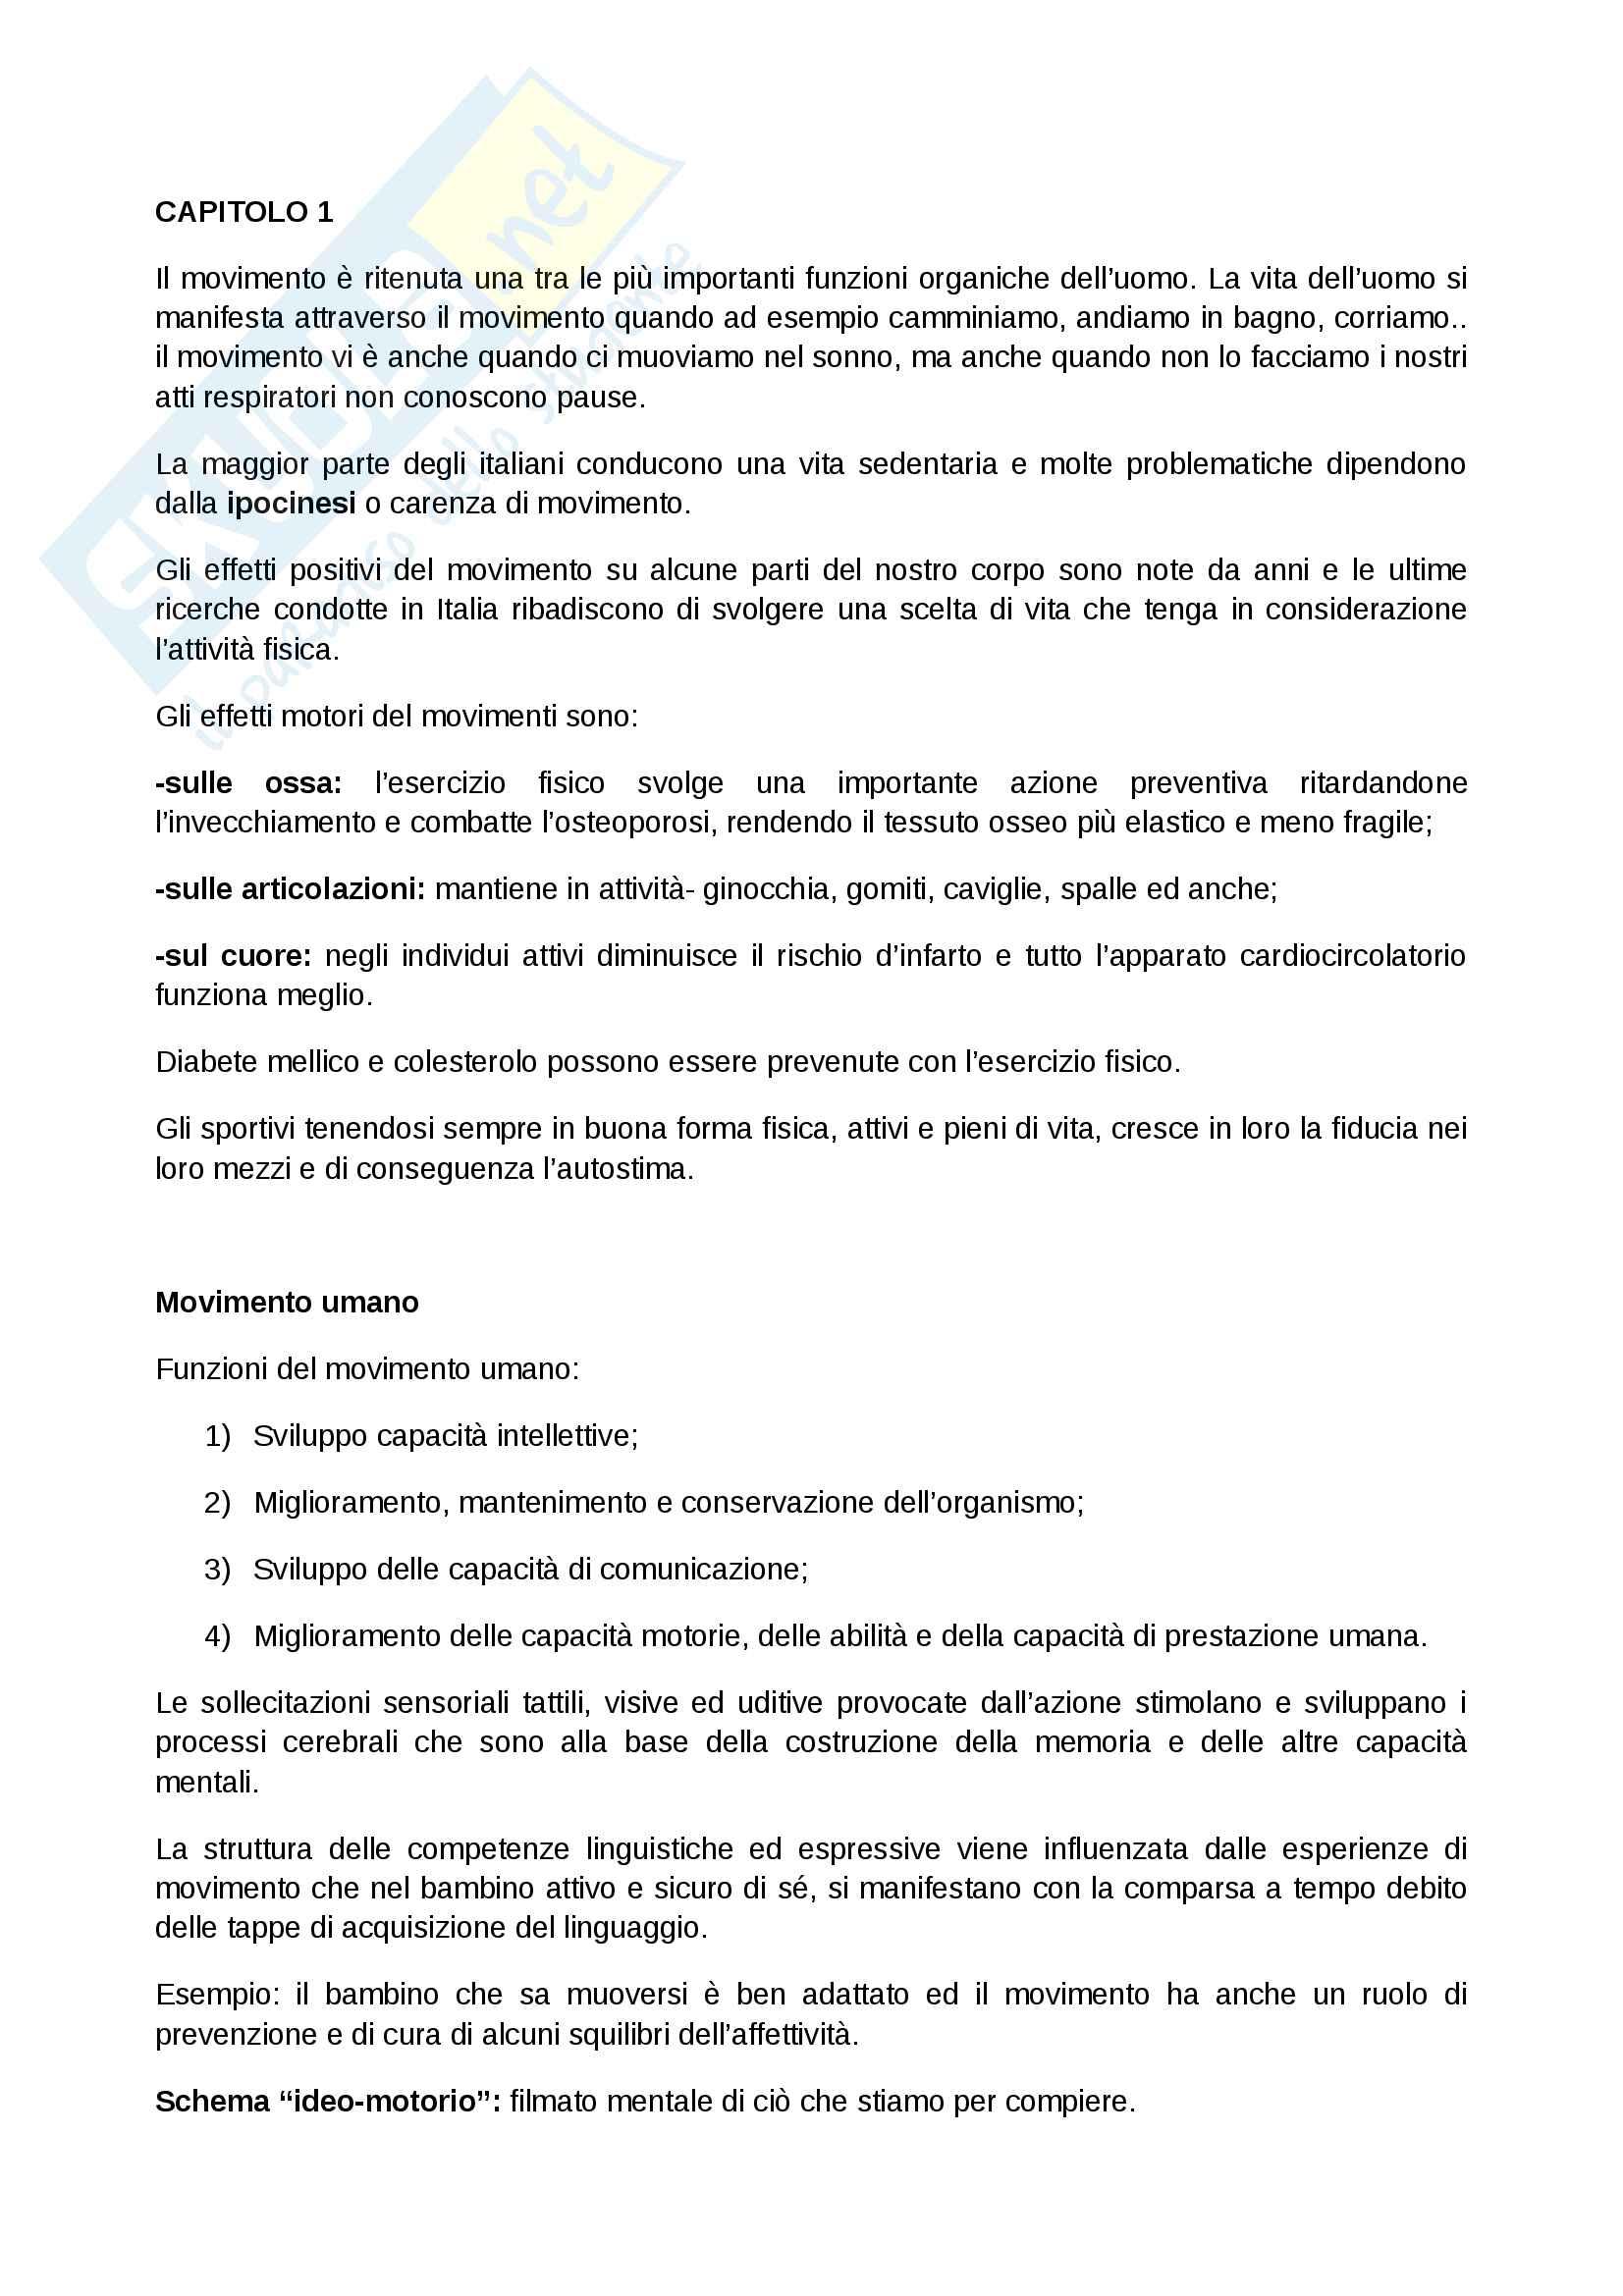 Riassunto Basi attività motoria (28 pag.)